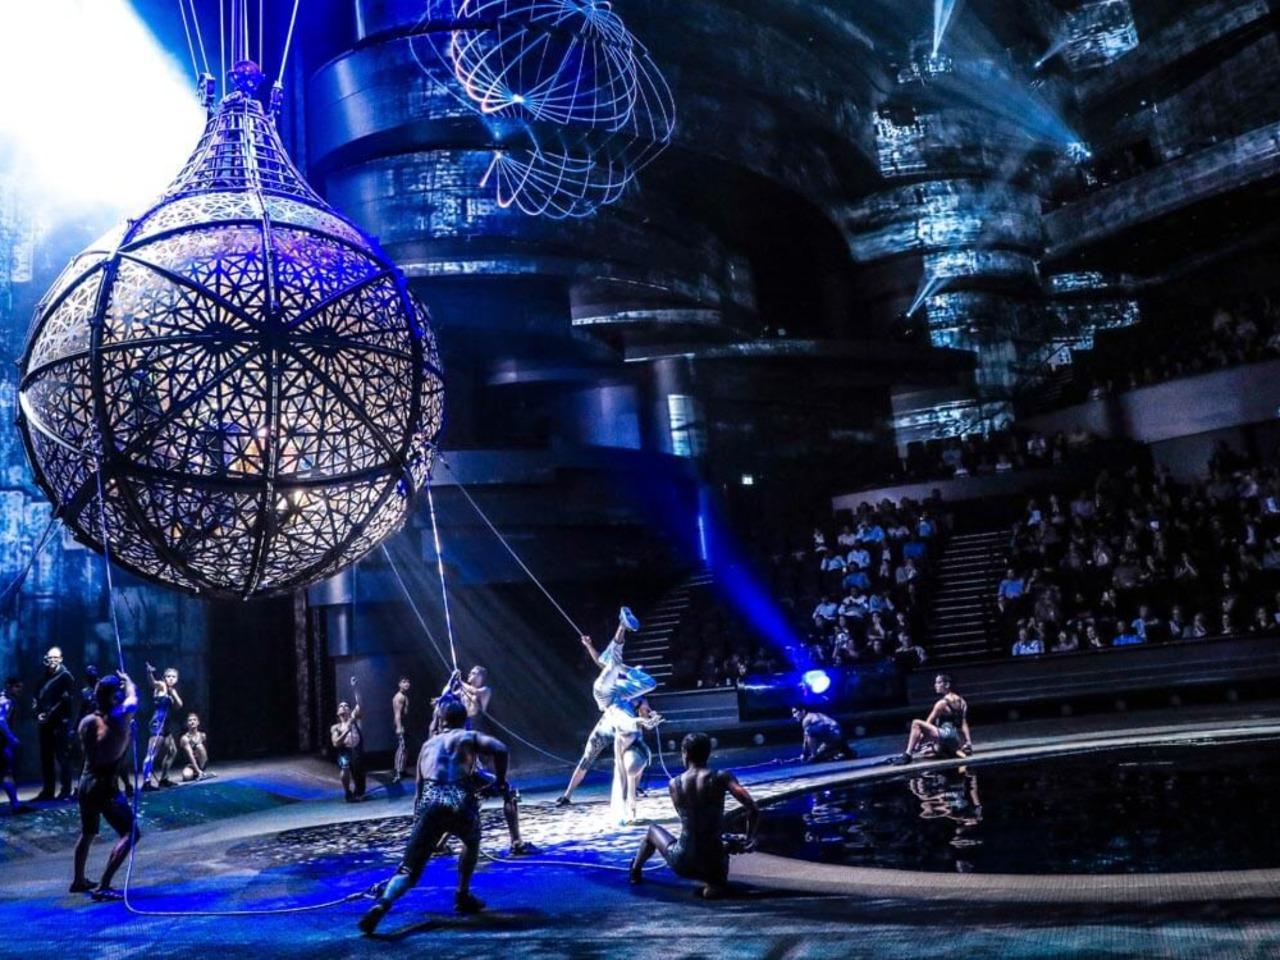 La Perla — Театр мирового уровня - групповая экскурсия в Дубае от опытного гида